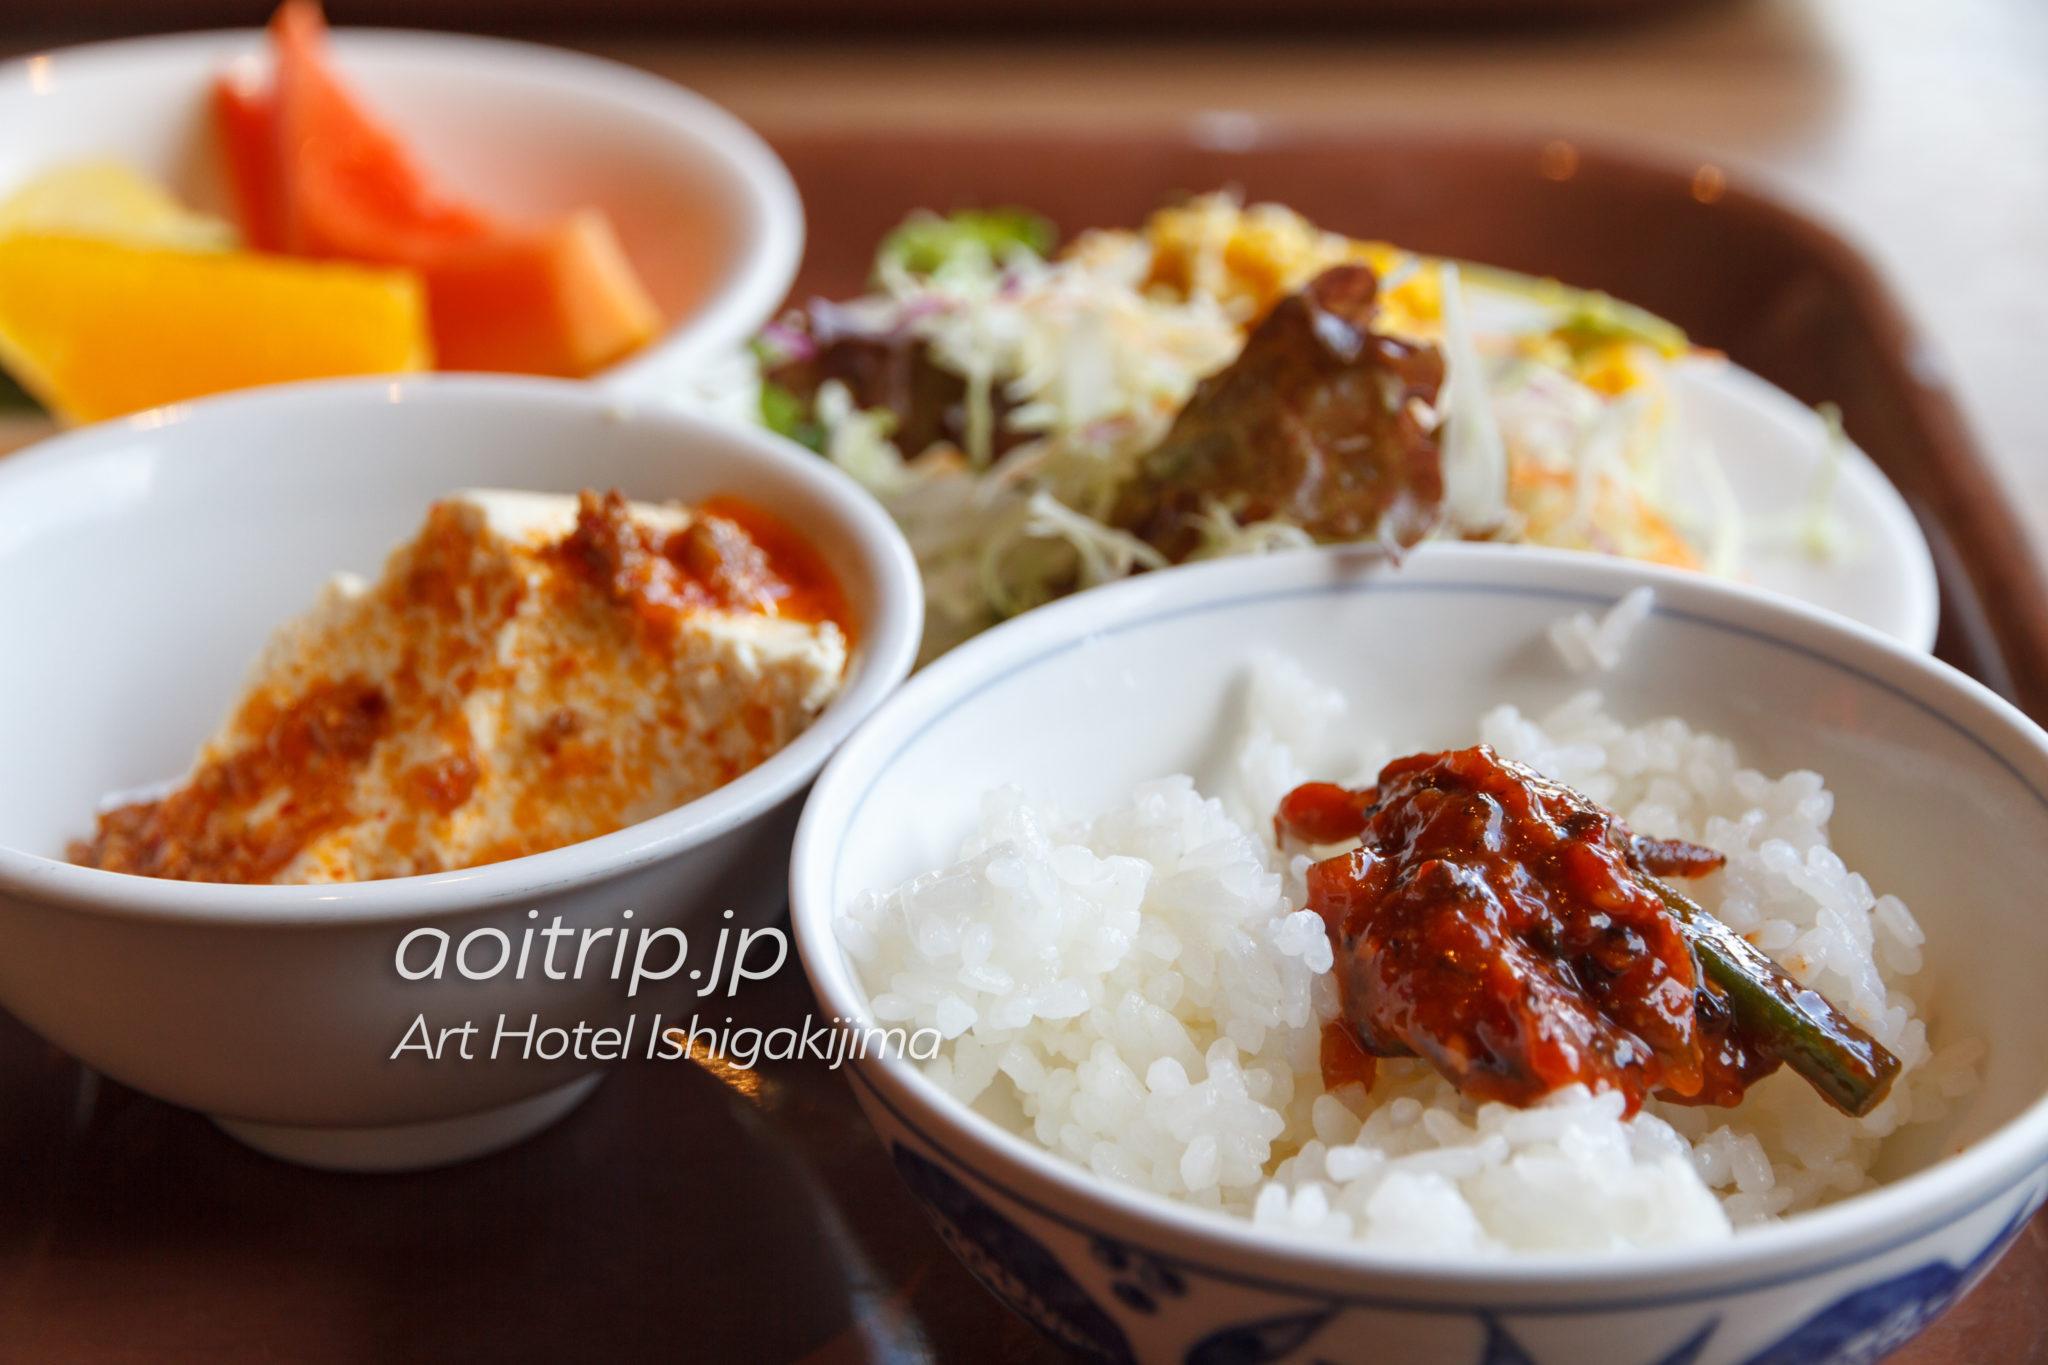 アートホテル石垣島 朝食